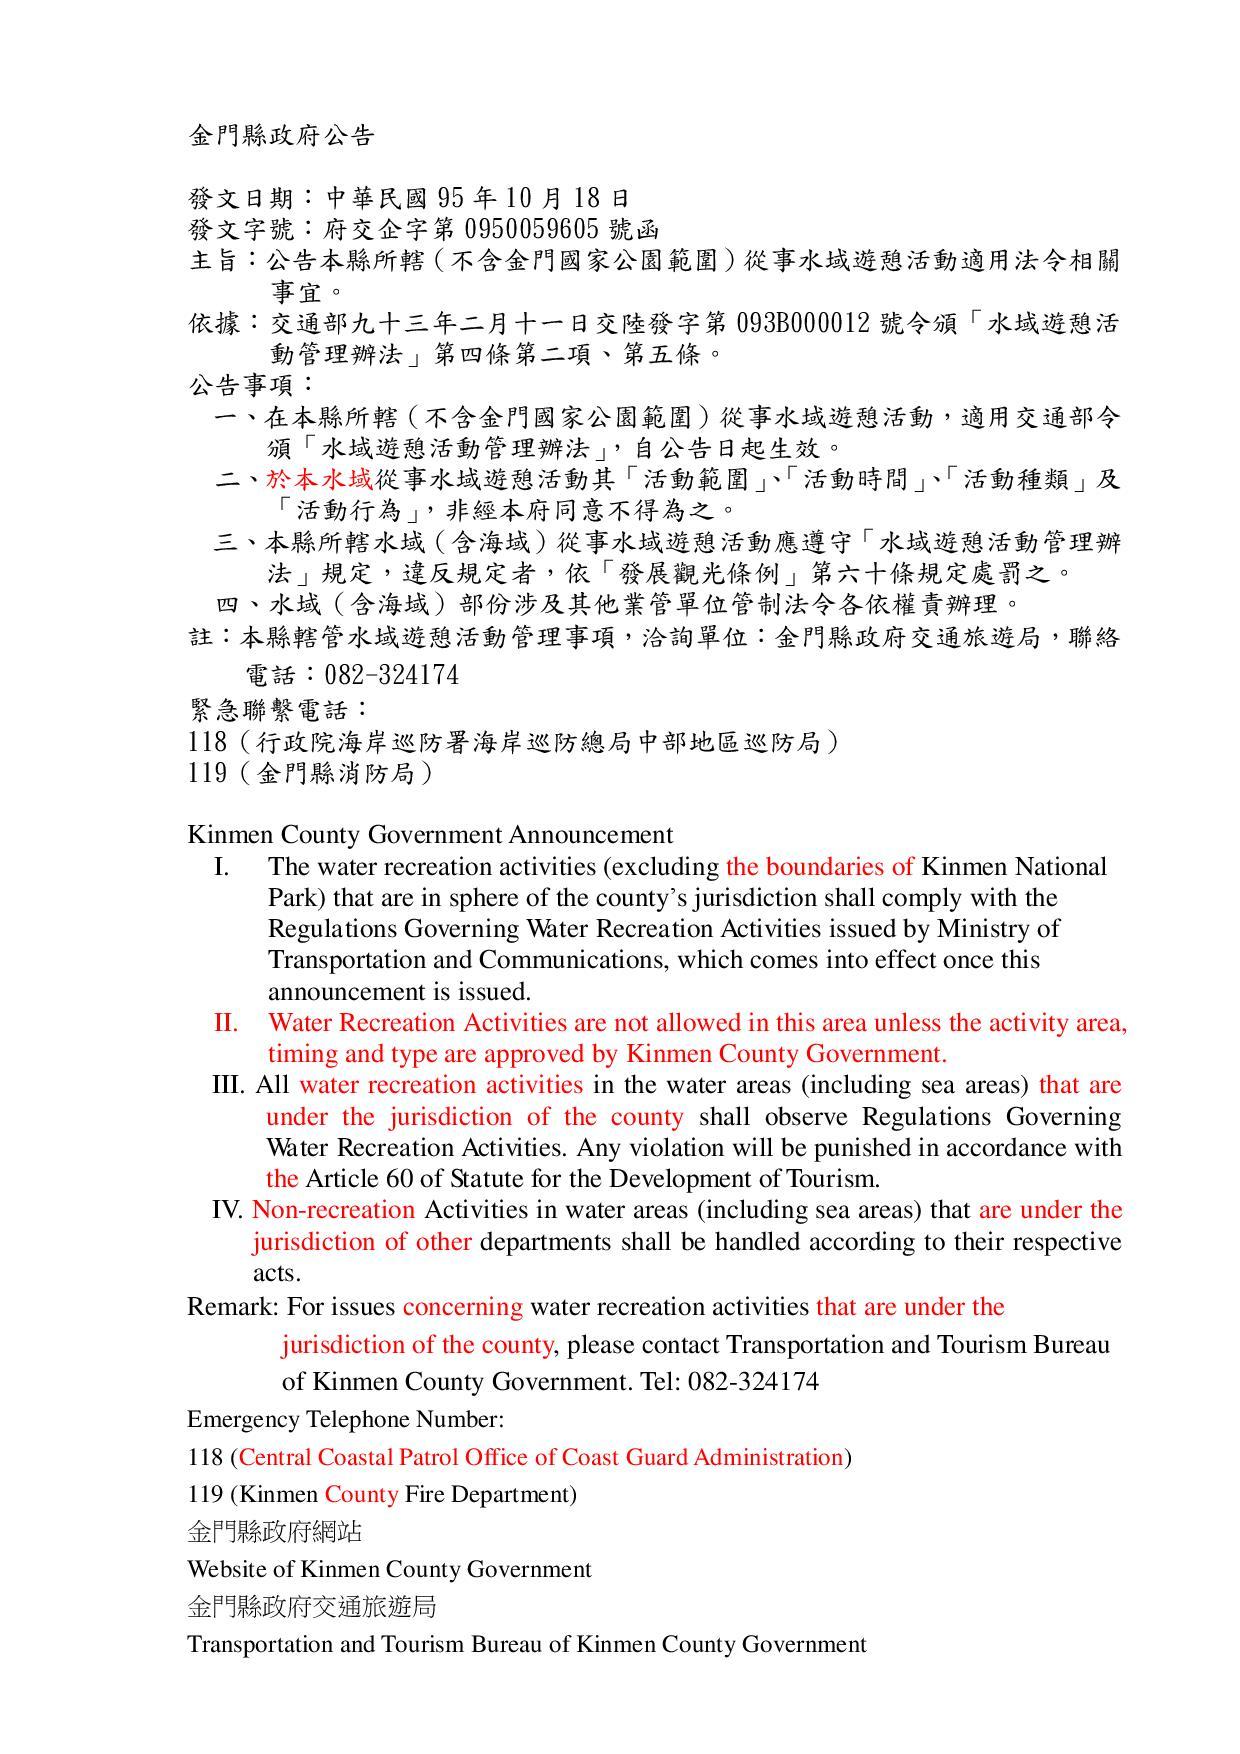 公告-金門縣限制水域遊憩活動補充規定